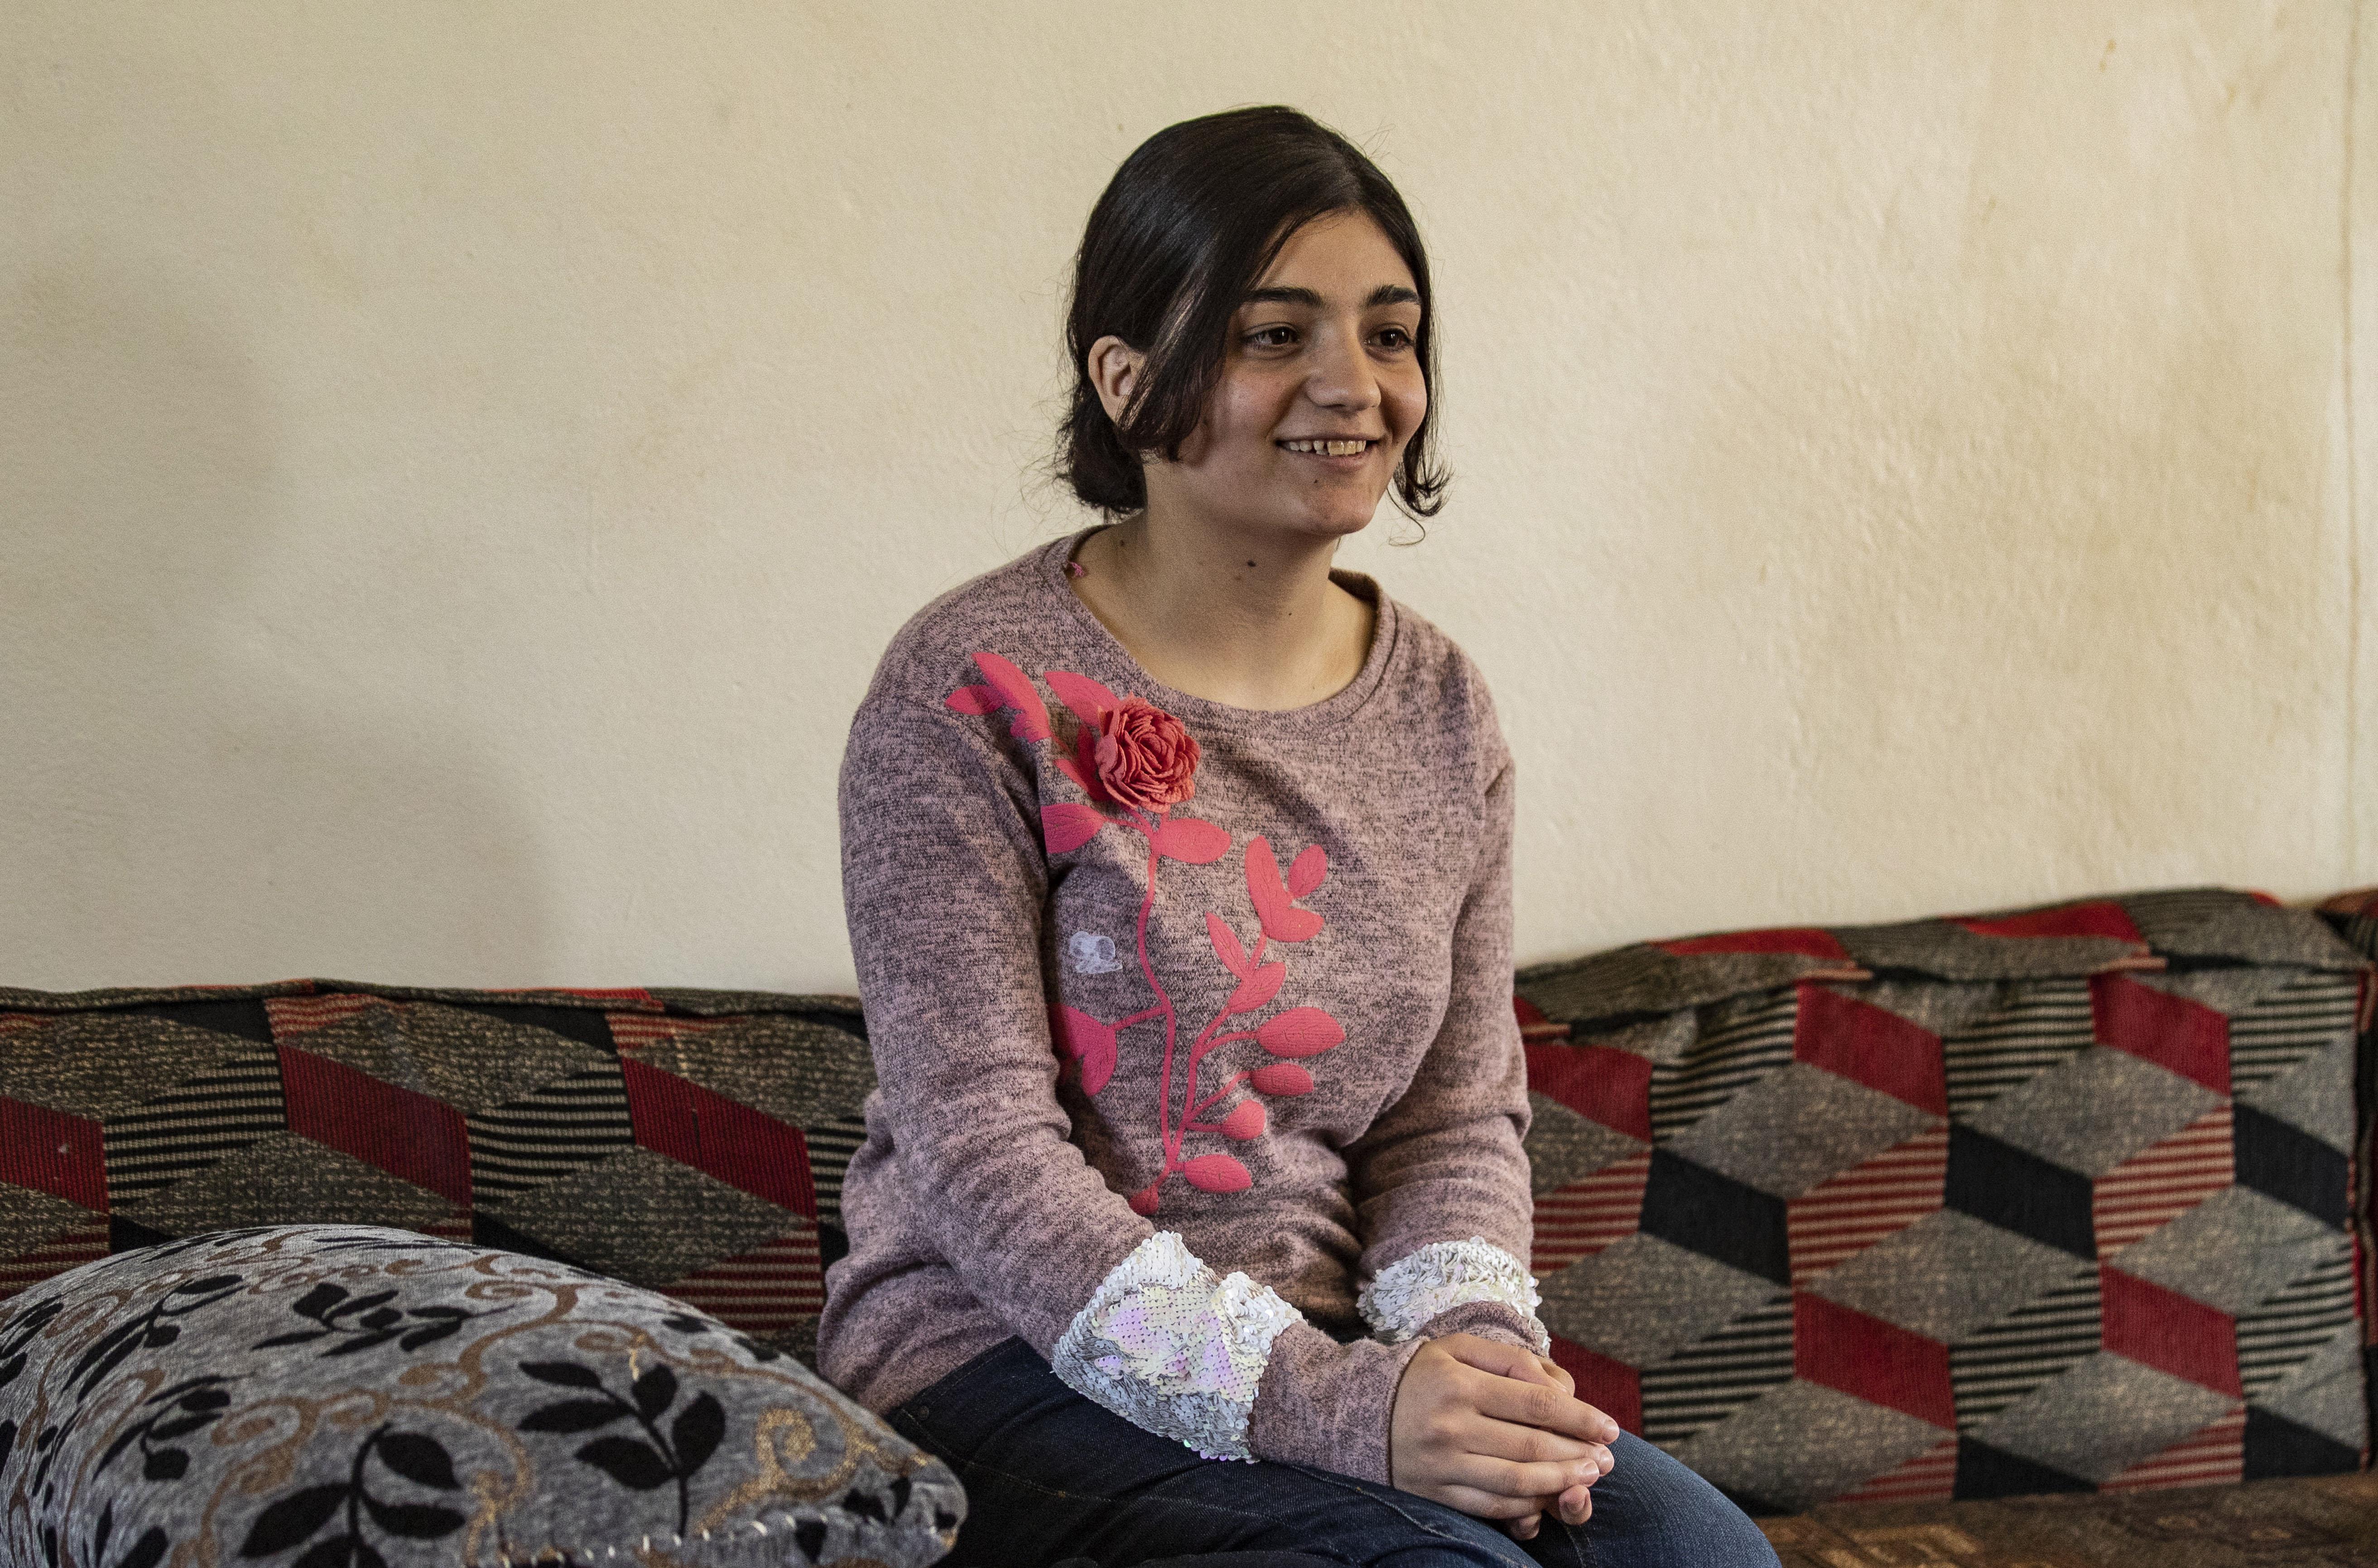 الشابة الأيزيدية العراقية ليلى عيدو